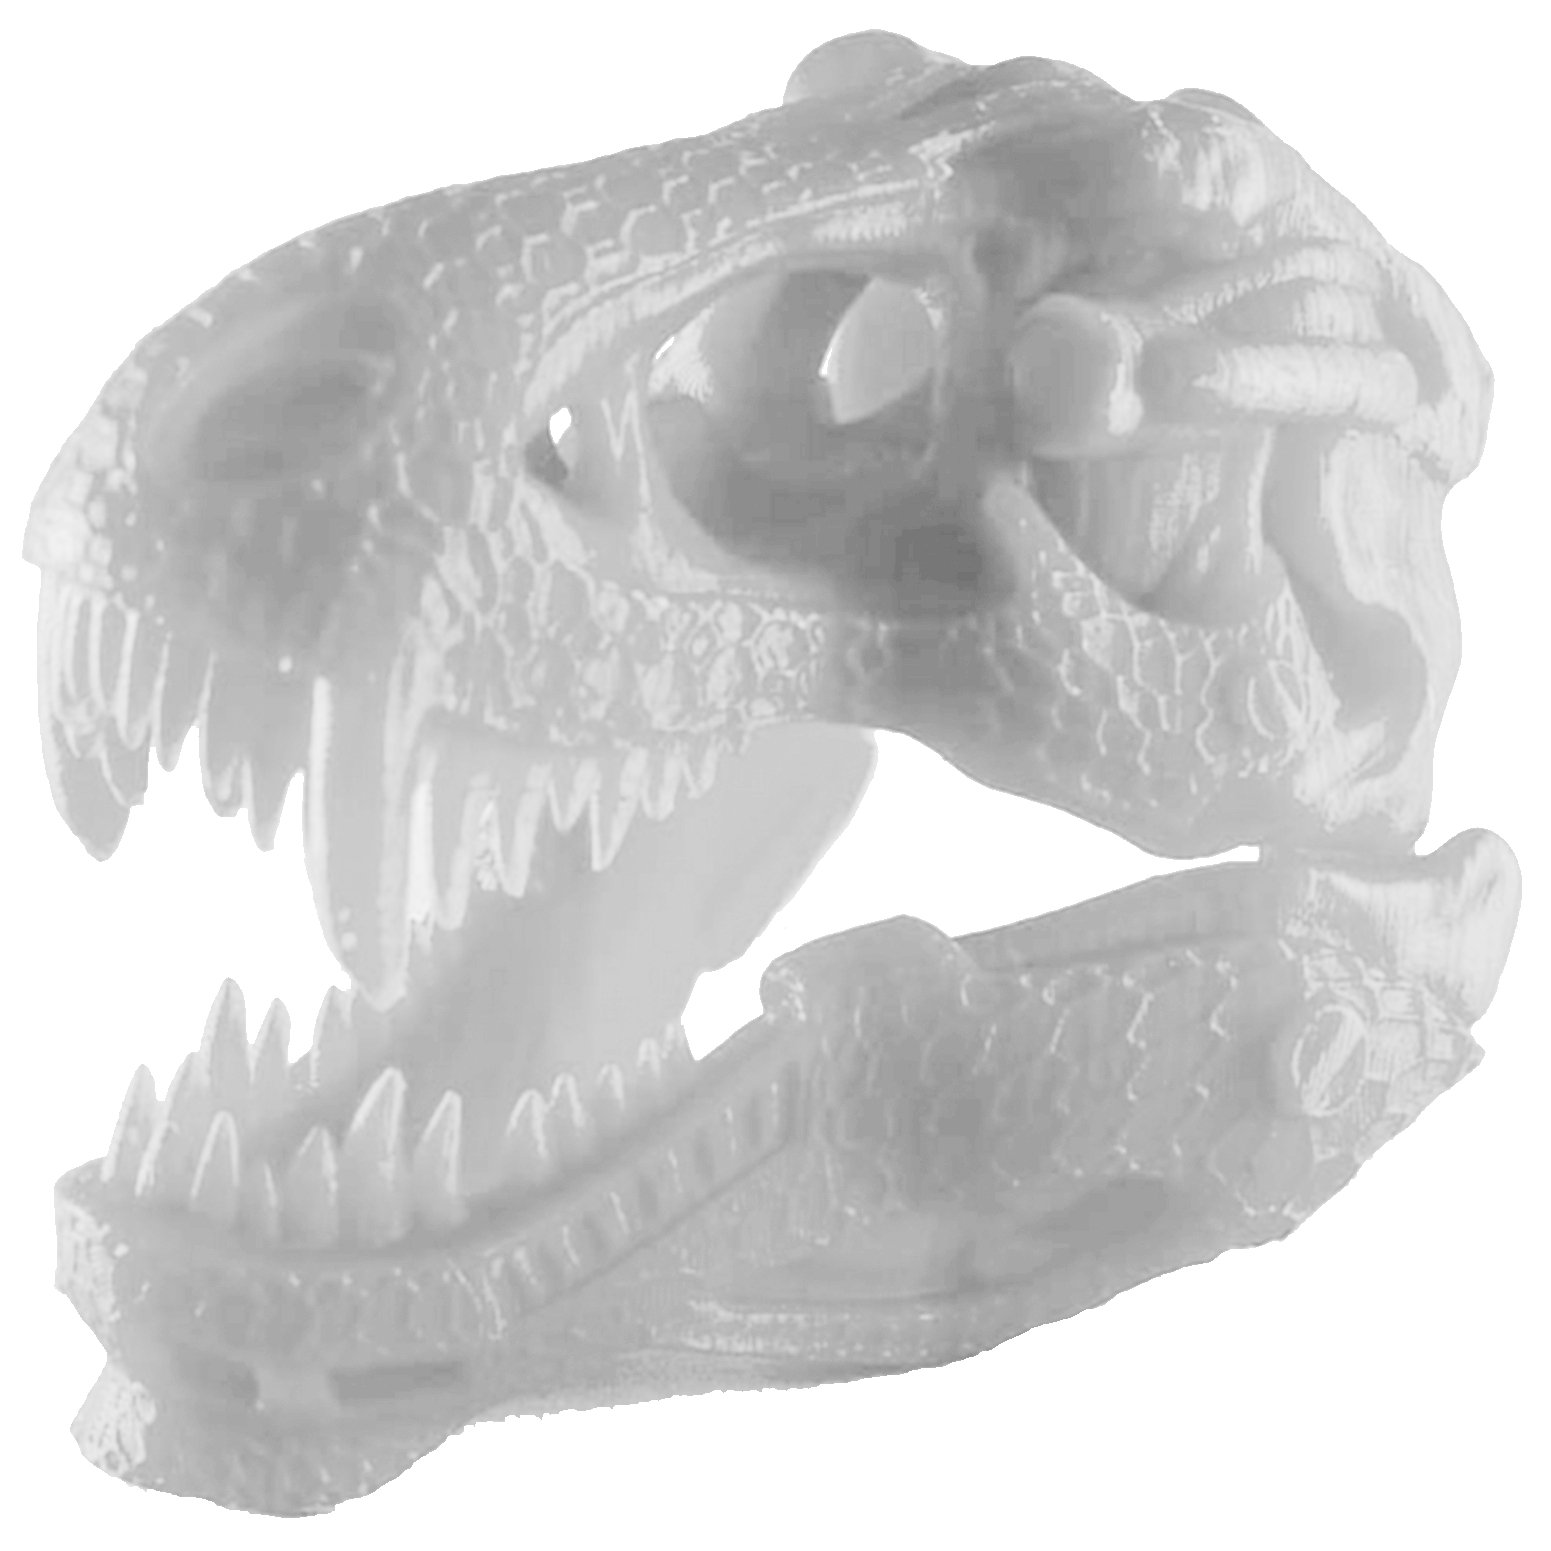 MakerJuice White G+ UV 3D Plastic Printing Resin for SLA and DLP Printers (one 500 mL bottle).